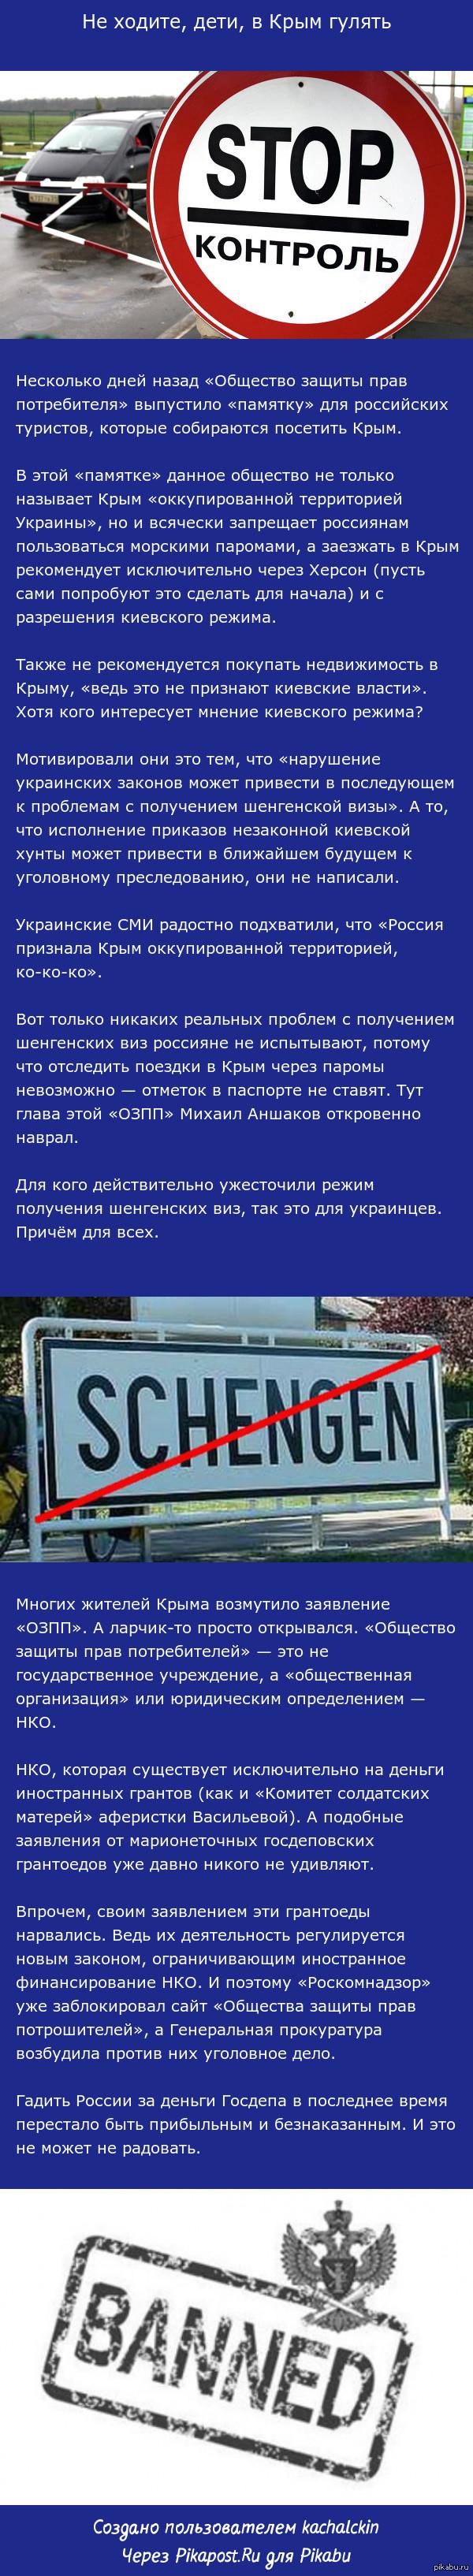 Не ходите, дети, в Крым гулять Александр Роджерс ещё раз о вбросе ОЗПП  http://rus vesna .su/recent_opinions/1435309281